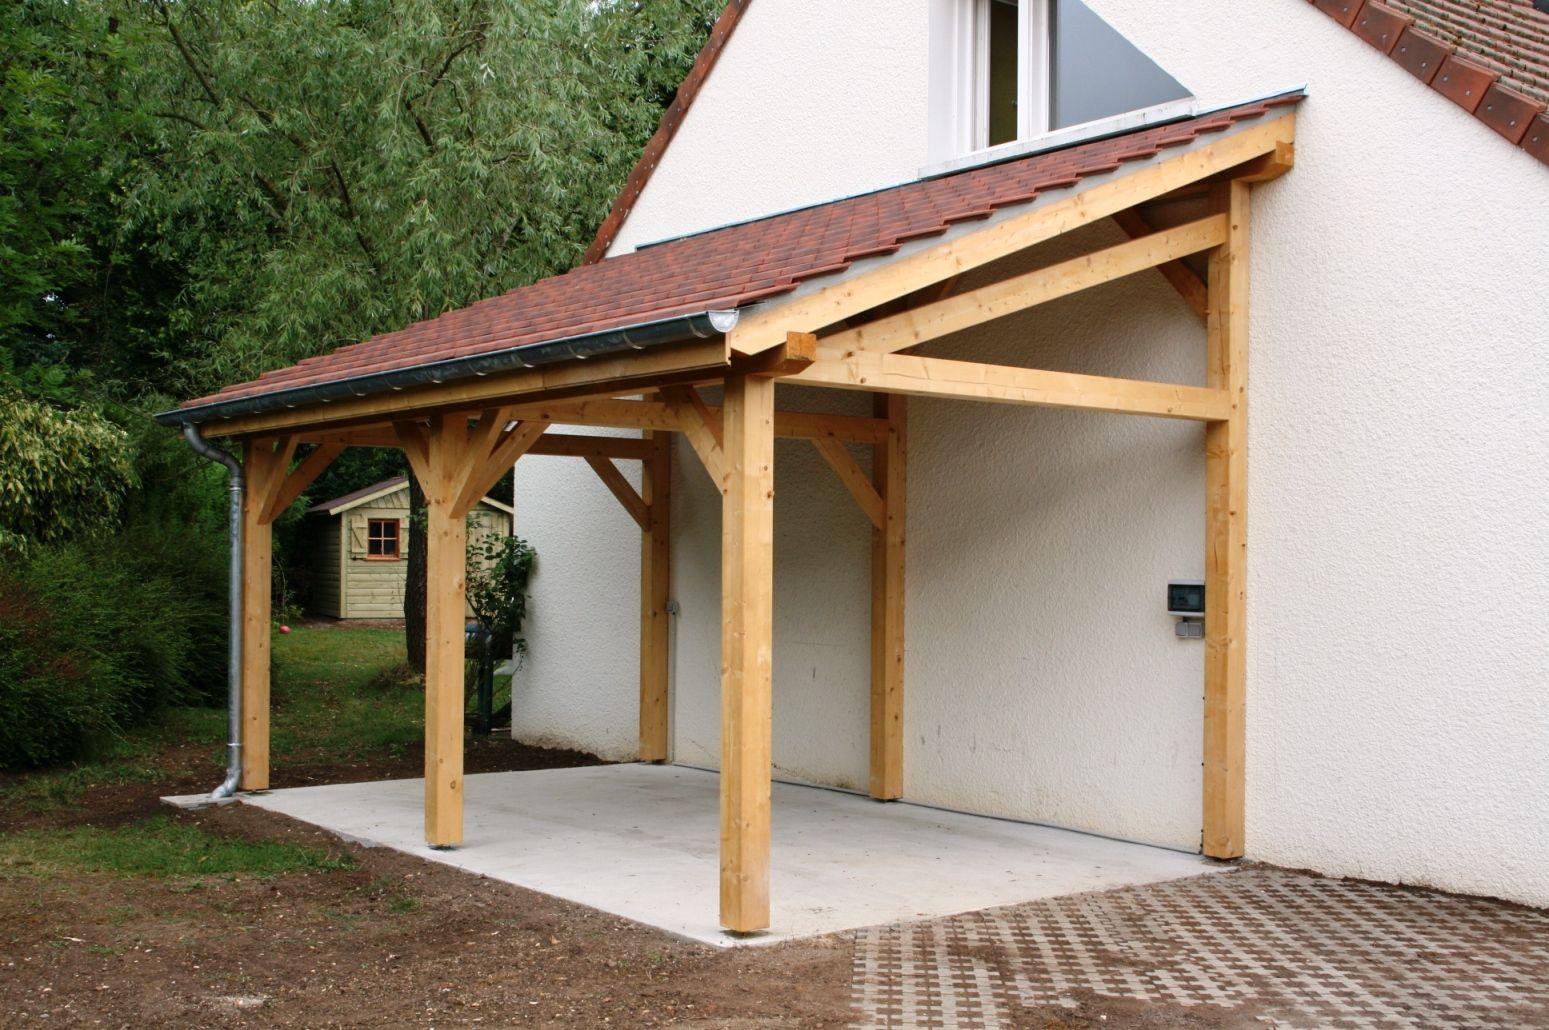 Wood Profits Garage 1 Pente 2 70mx7 00m Cerisier Abris De Jardin En Bois Discover How You Can Start A Woodworking Busi Building A Shed Pergola Shed Plans